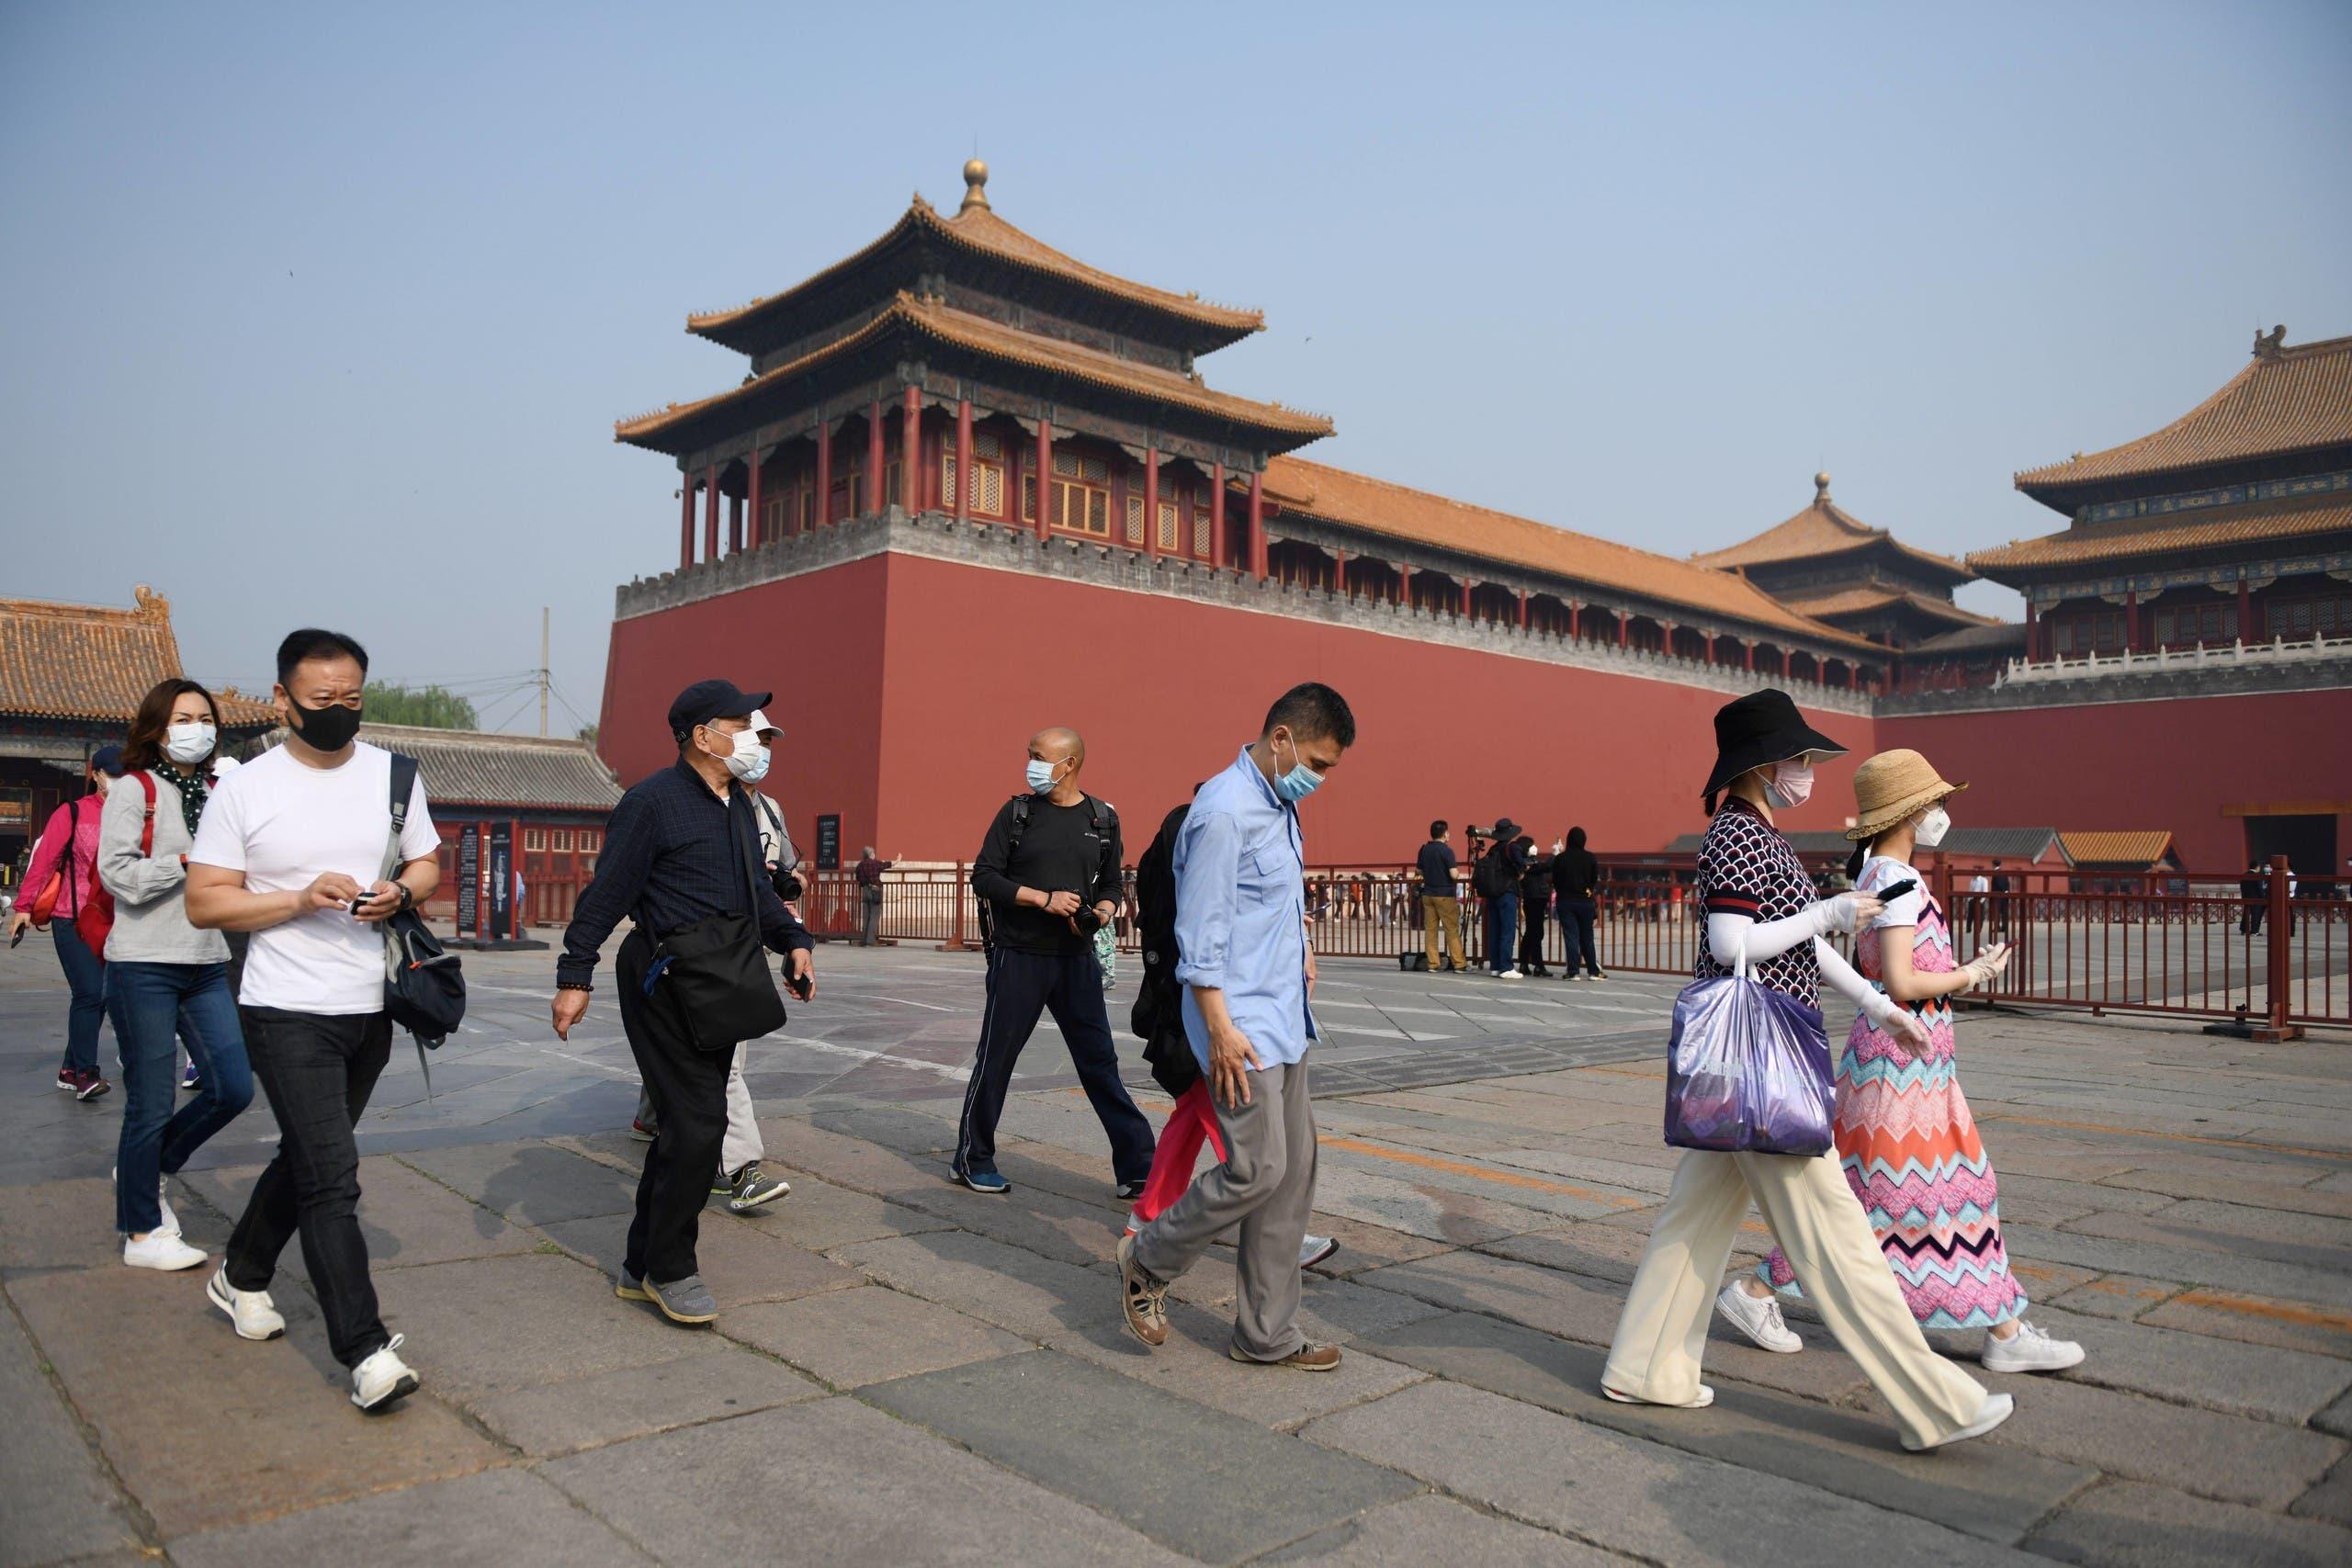 من المدينة المحرمة أحد المعالم السياحية في بكين (فرانس برس)